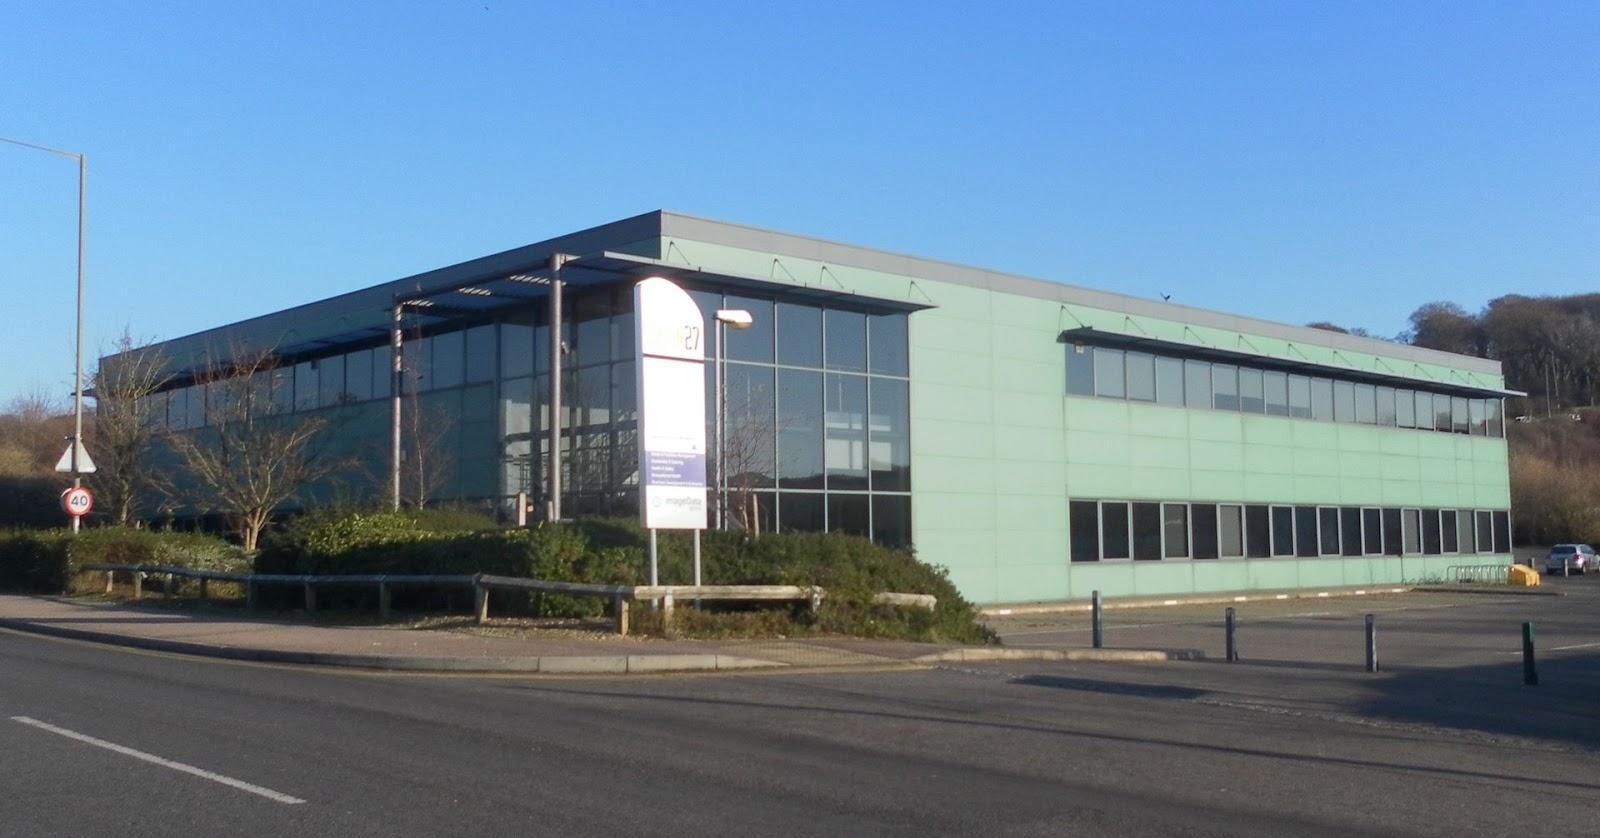 Exion_27_Building,_Hollingbury_Industrial_Estate,_Brighton_(December_2012).JPG